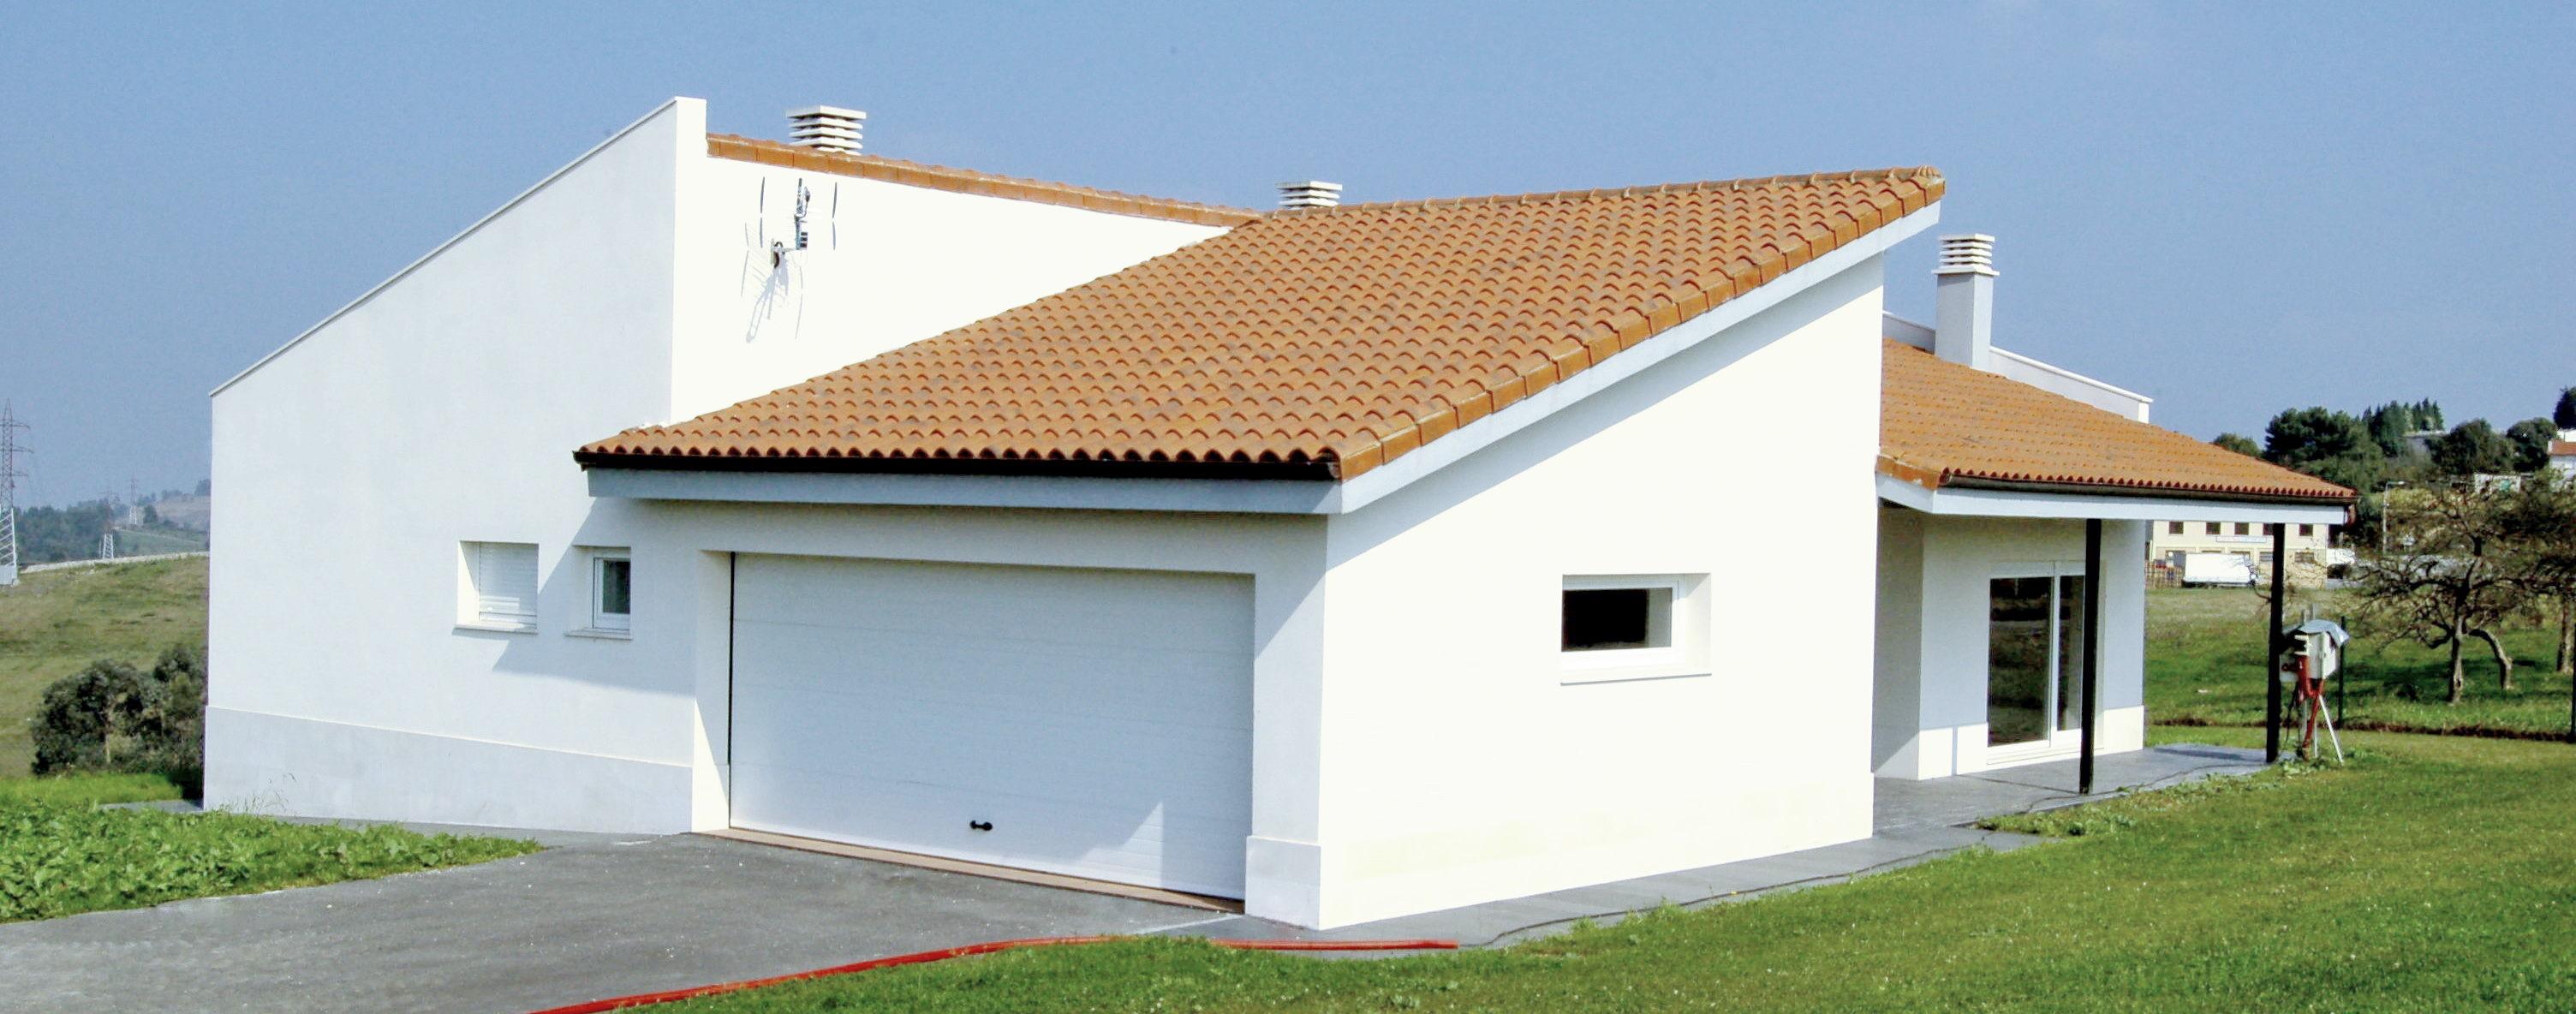 Fachadas chalets great aislamiento exterior de fachada con sistema sate with fachadas chalets - Fachadas de casas modernas planta baja ...